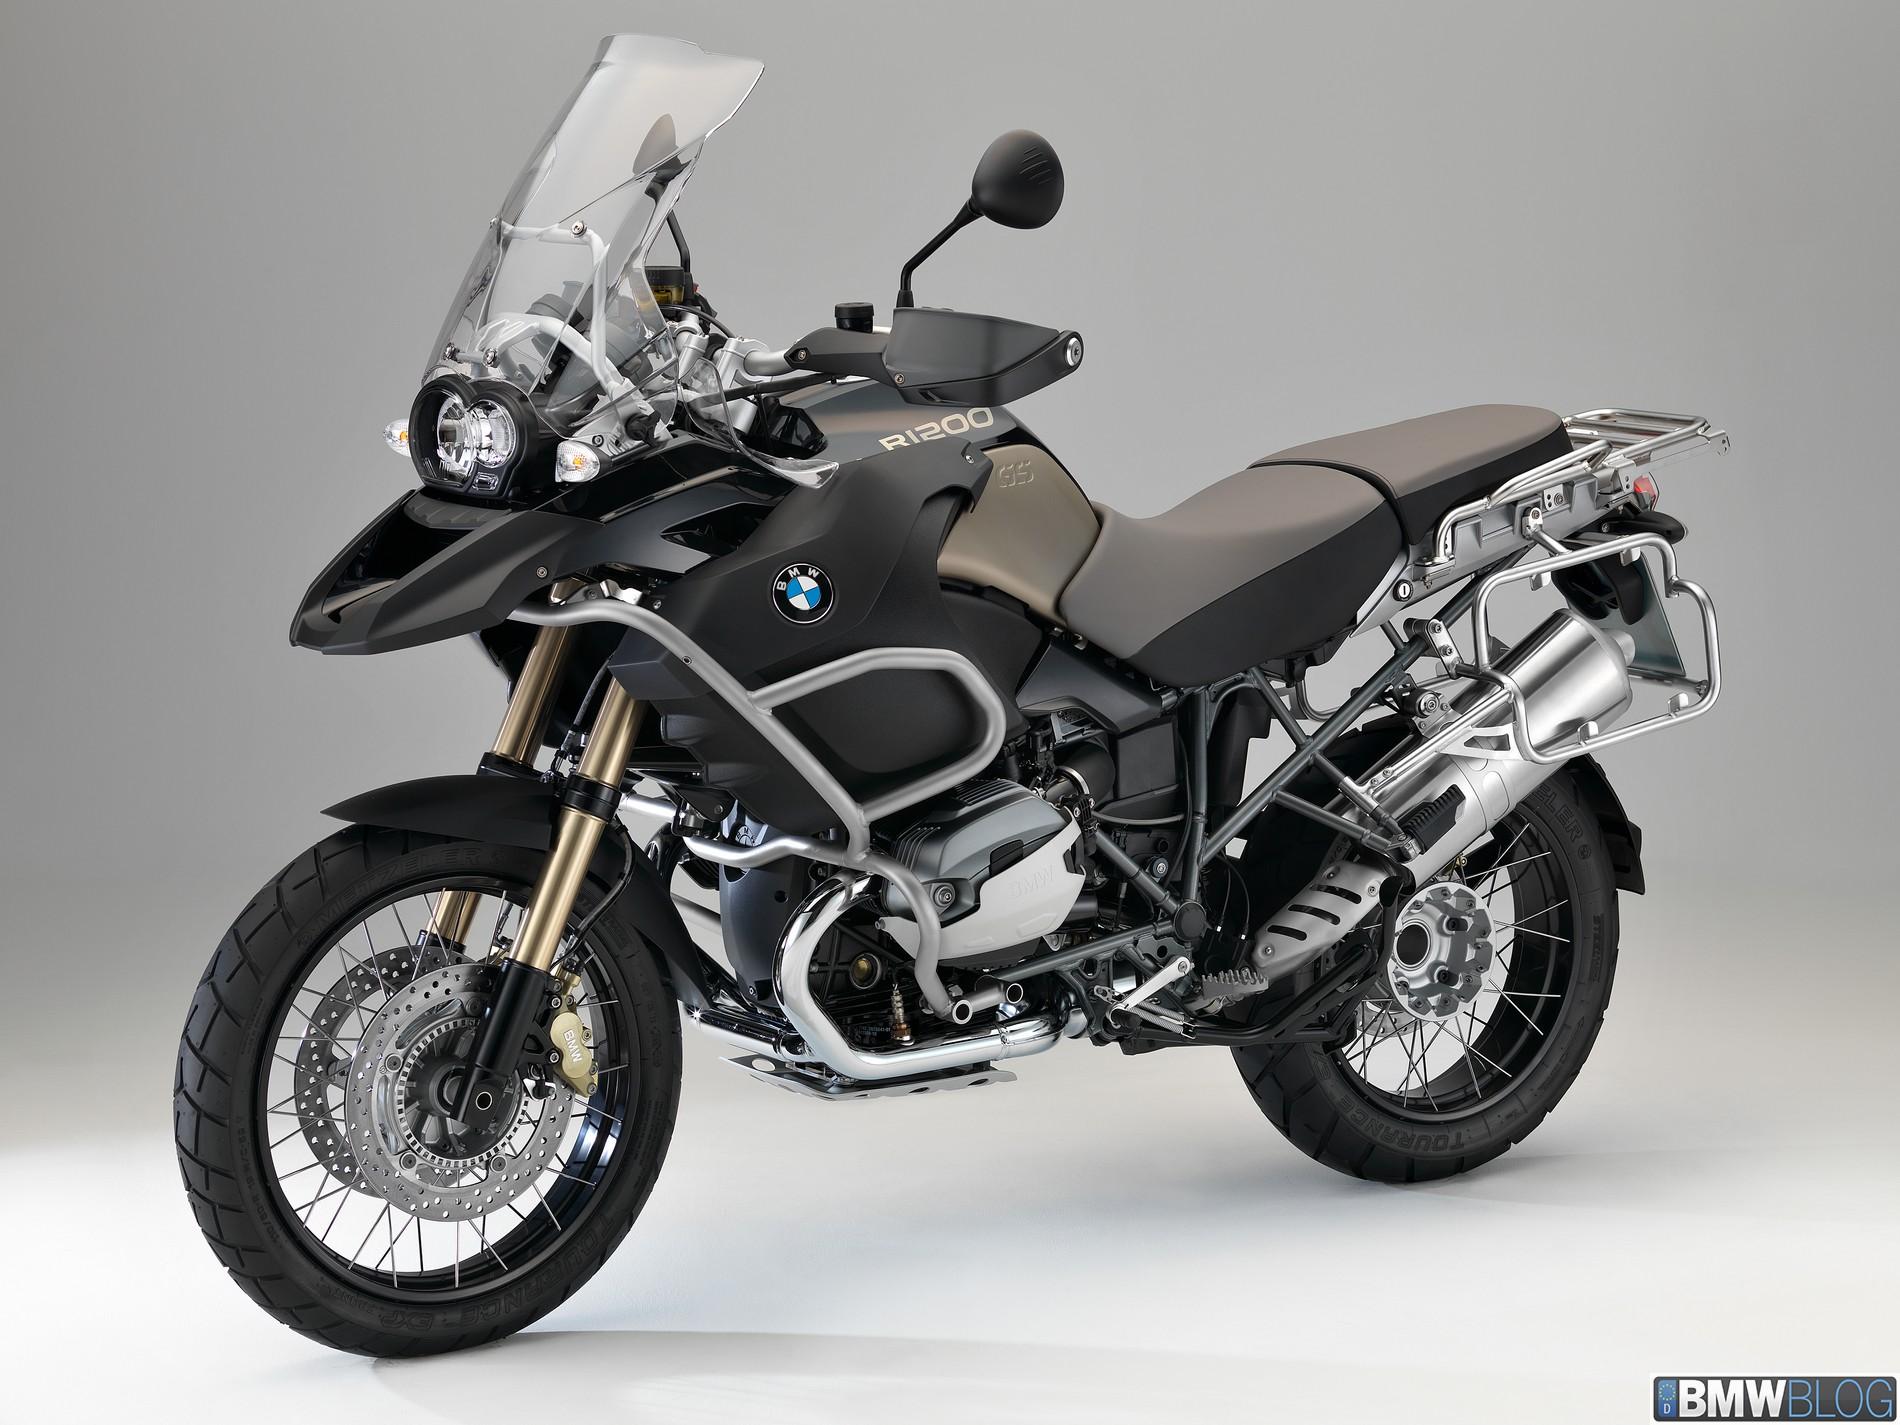 the 90 jahre bmw motorrad special models. Black Bedroom Furniture Sets. Home Design Ideas